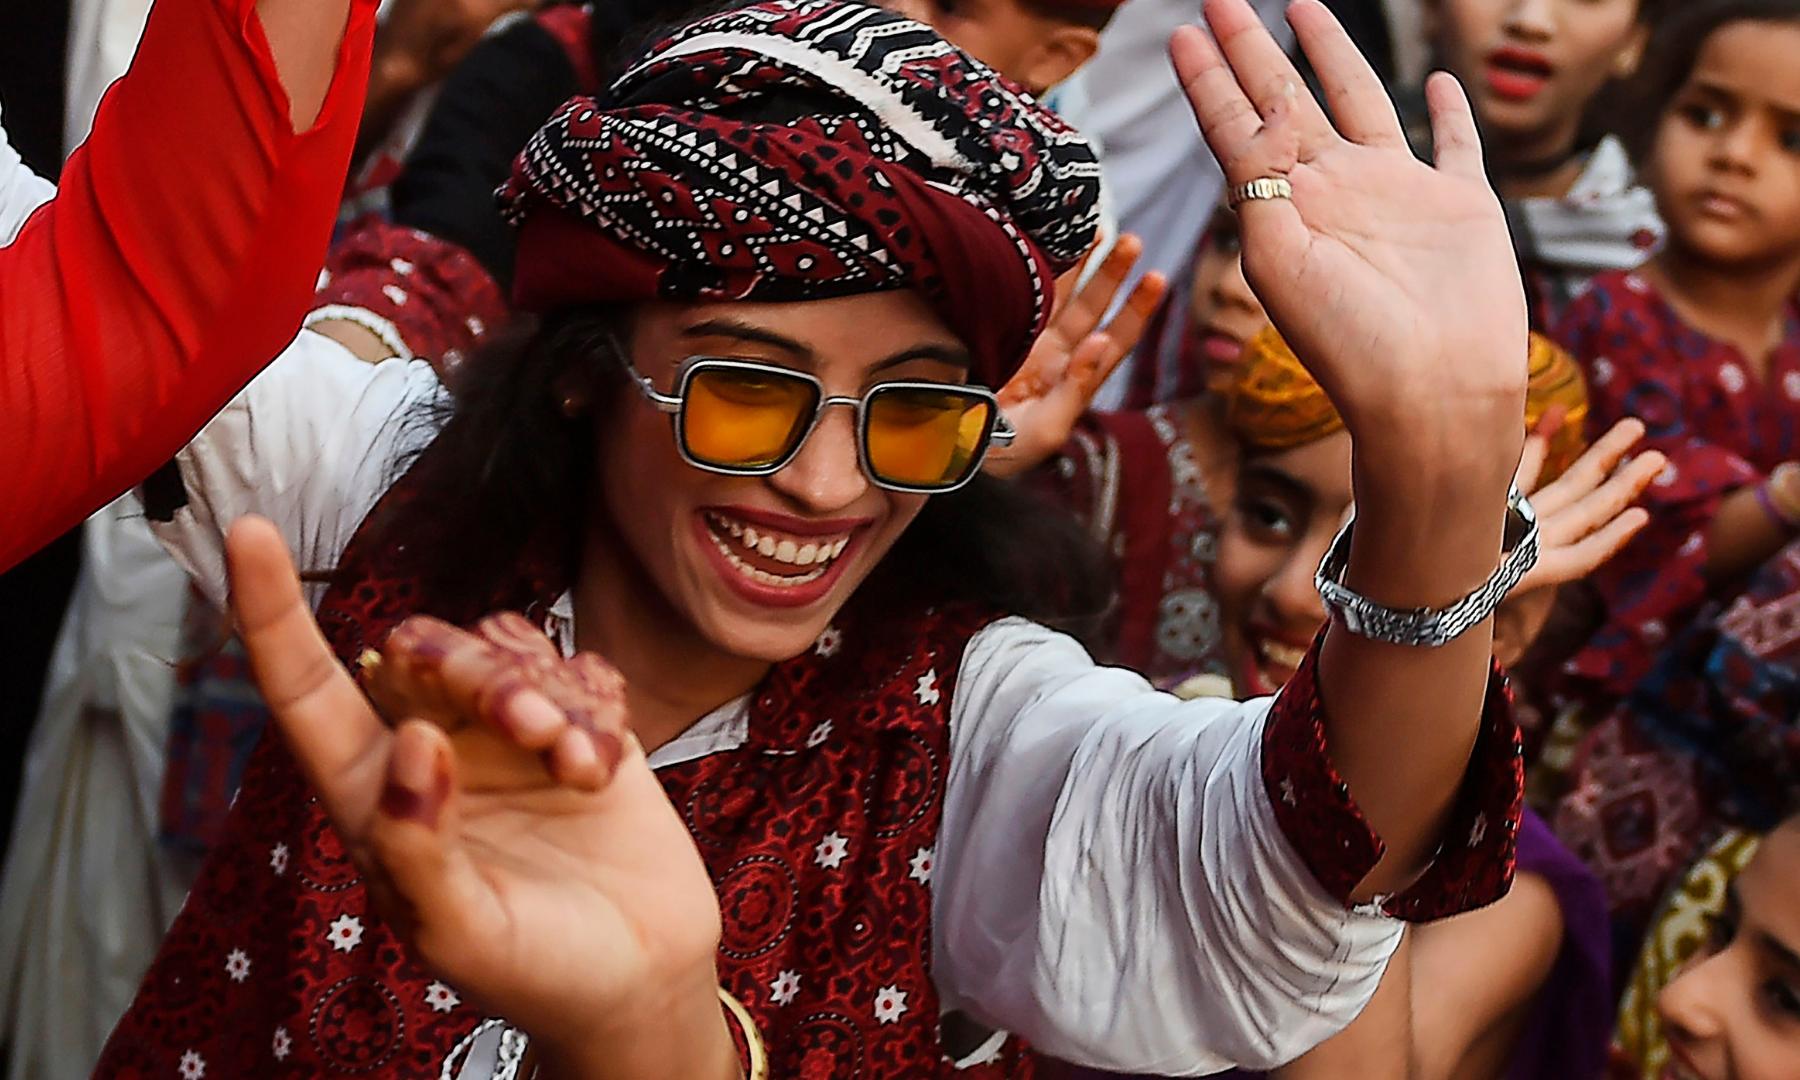 کراچی میں خواتین، نوجوان اور بچے بھی جشن منانے میں شریک تھے—فوٹو: اے ایف پی